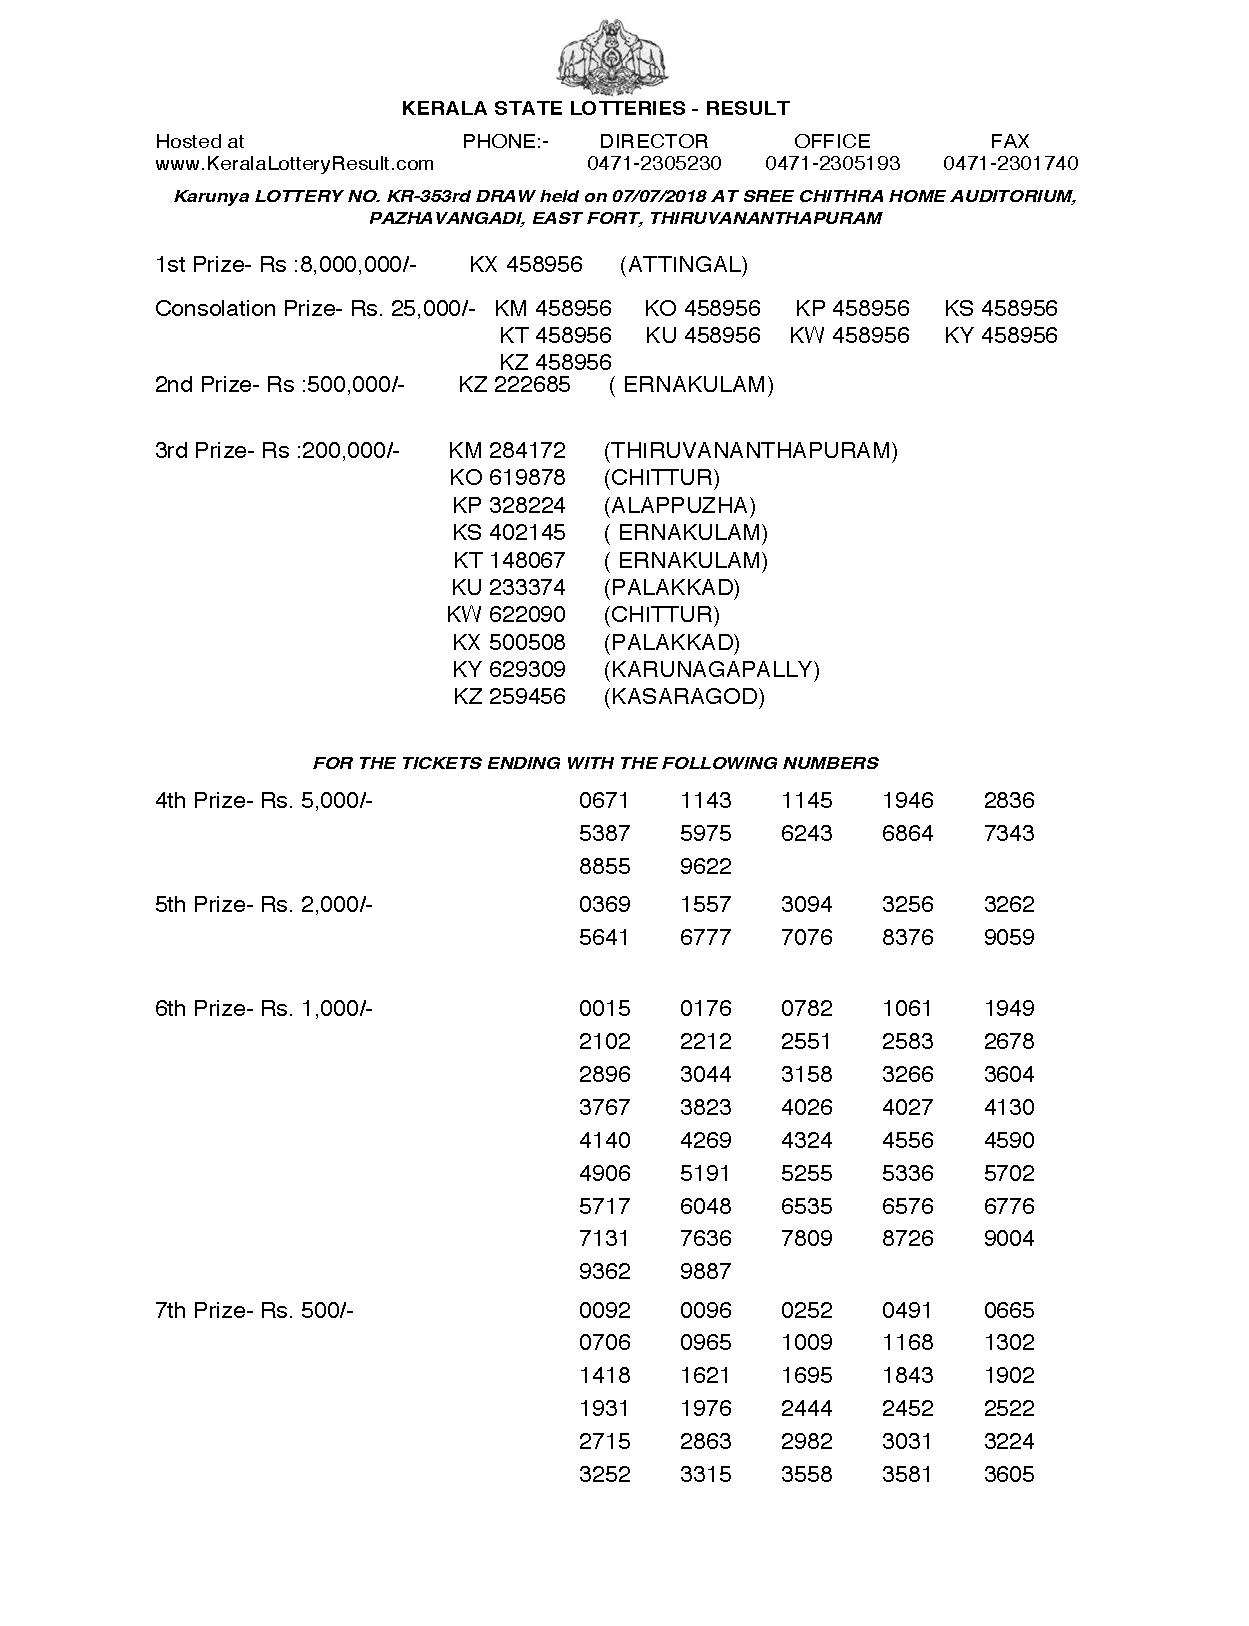 Karunya KR353 Kerala Lottery Results Screenshot: Page 1